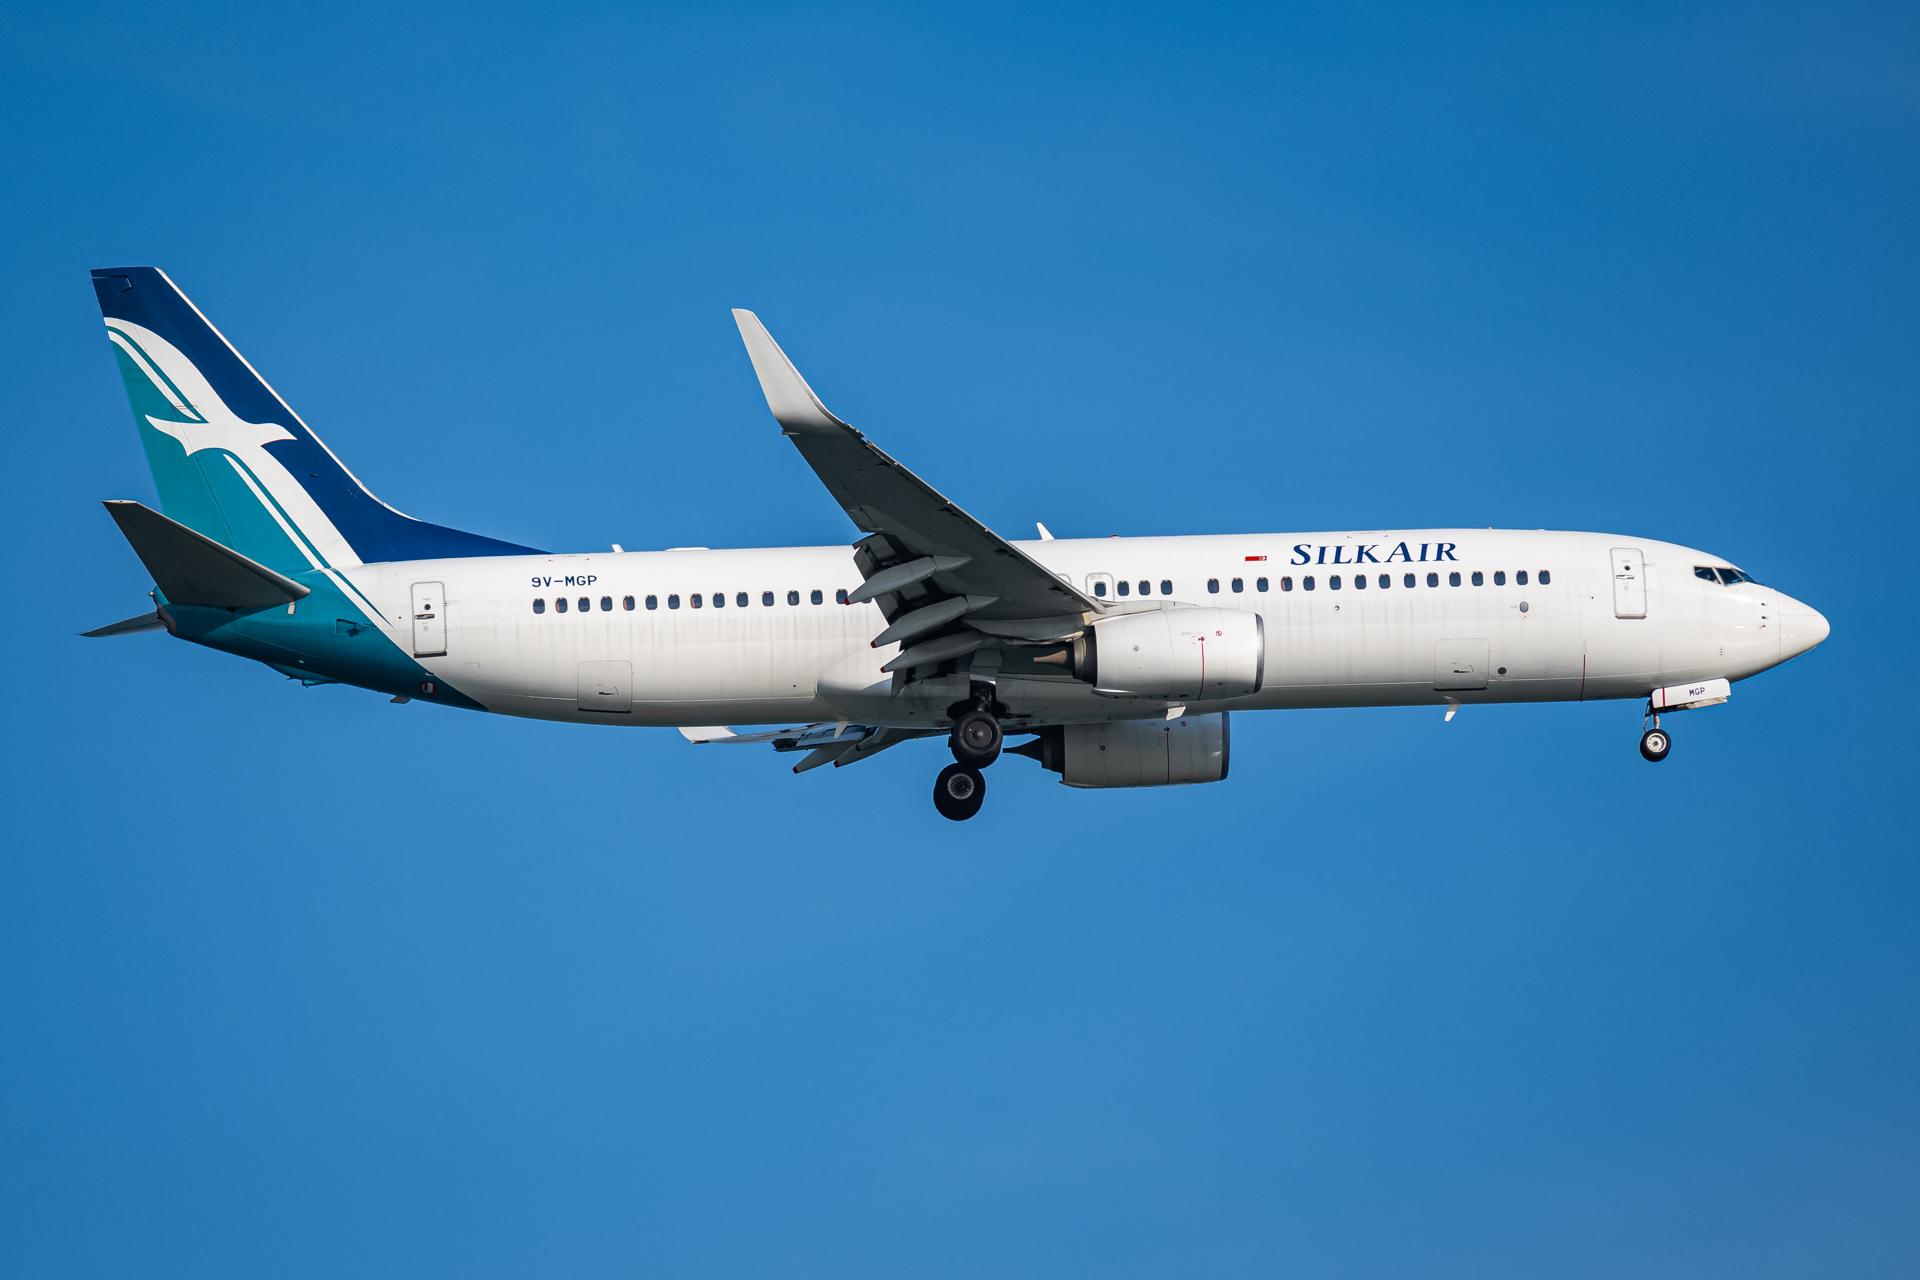 Photo of 9V-MGP - SilkAir Boeing 737-800 at SIN